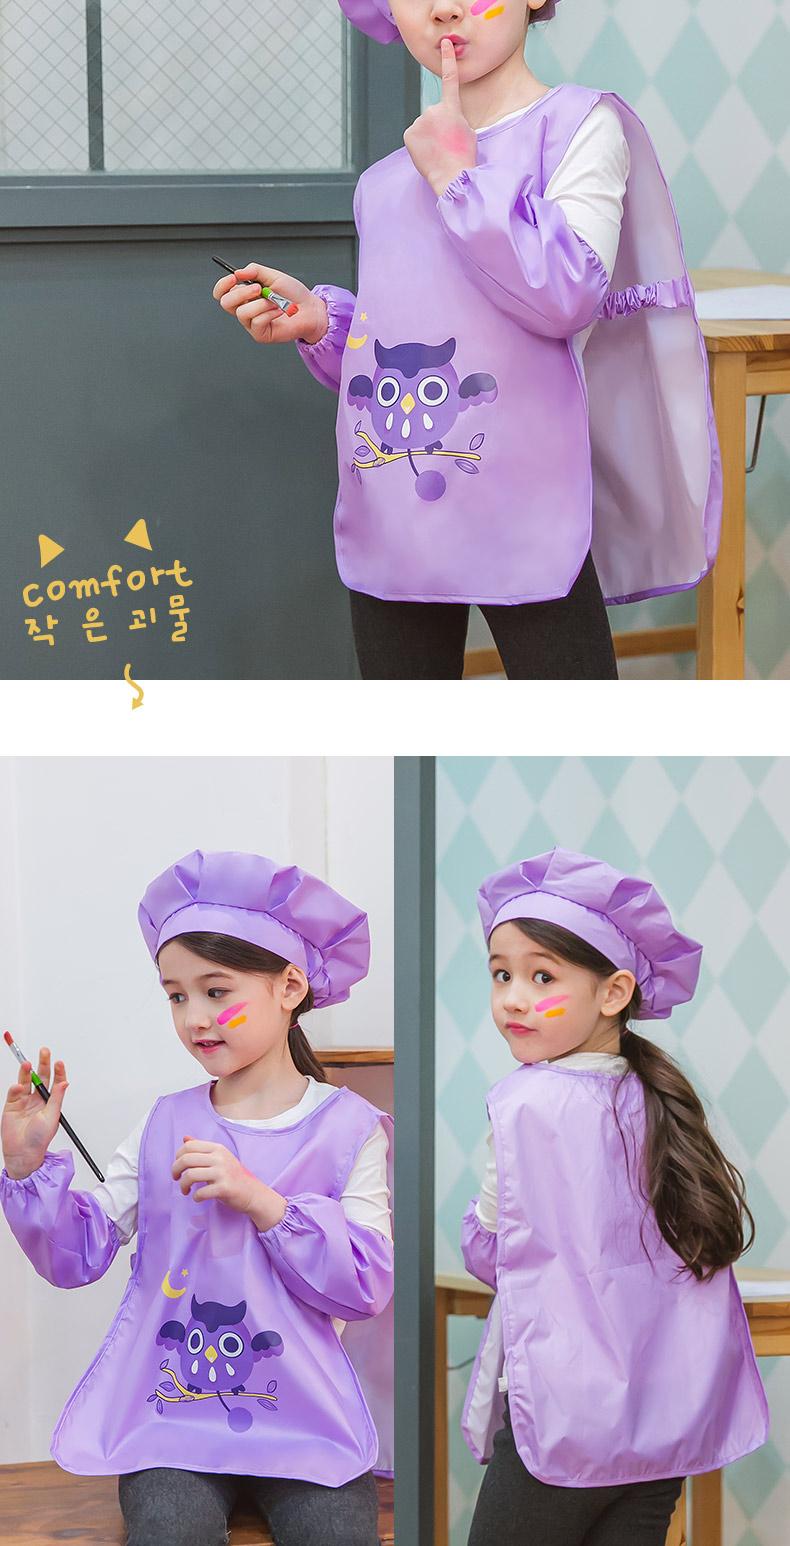 Áo khoác Trẻ em tạp dề vẽ áo mặc quần áo phụ nữ nam nữ đồng chống thấm nước bẩn, chàng trai trẻ ăn c